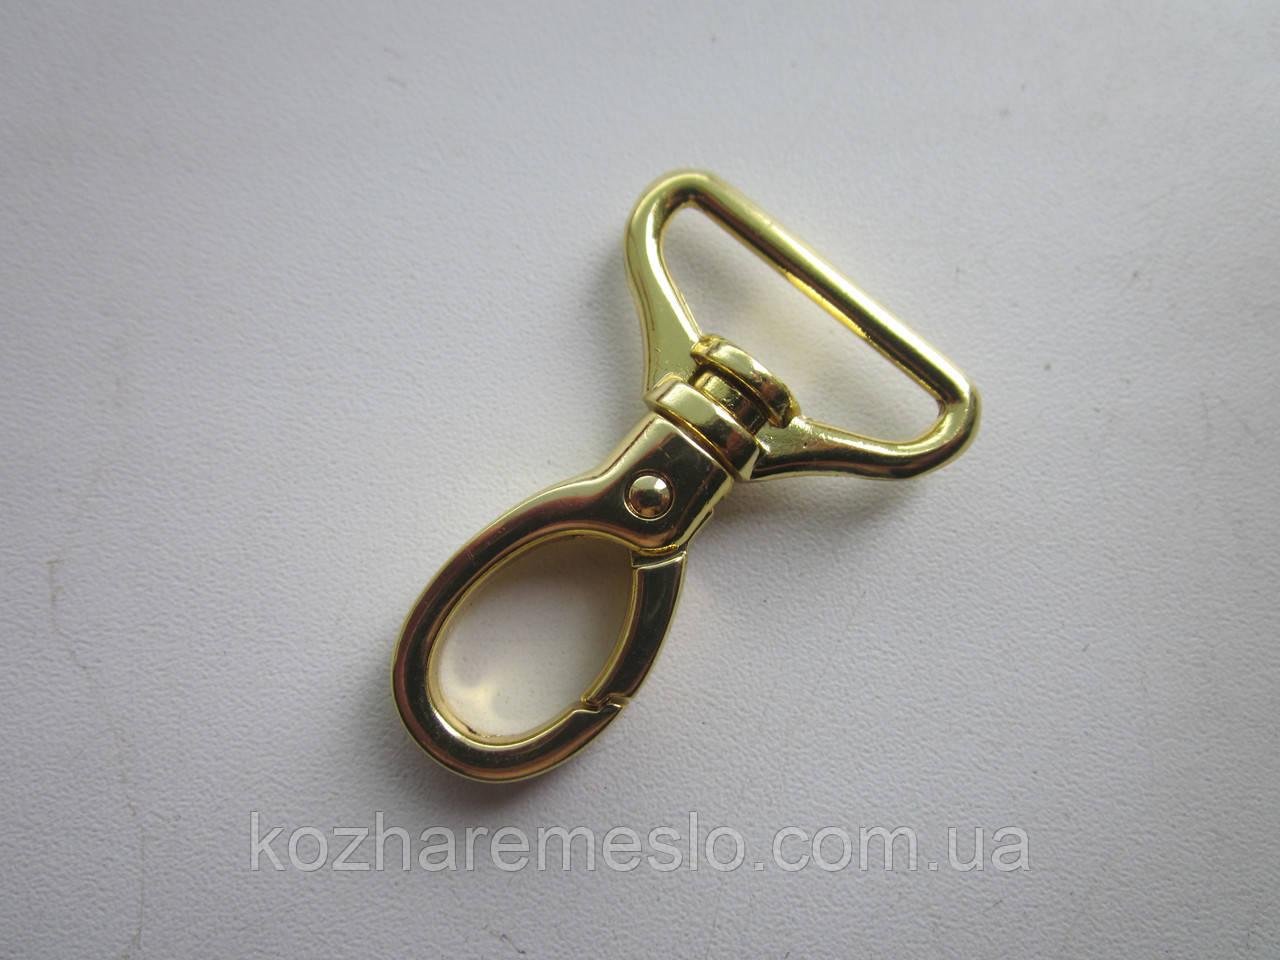 Карабин 20 мм золото